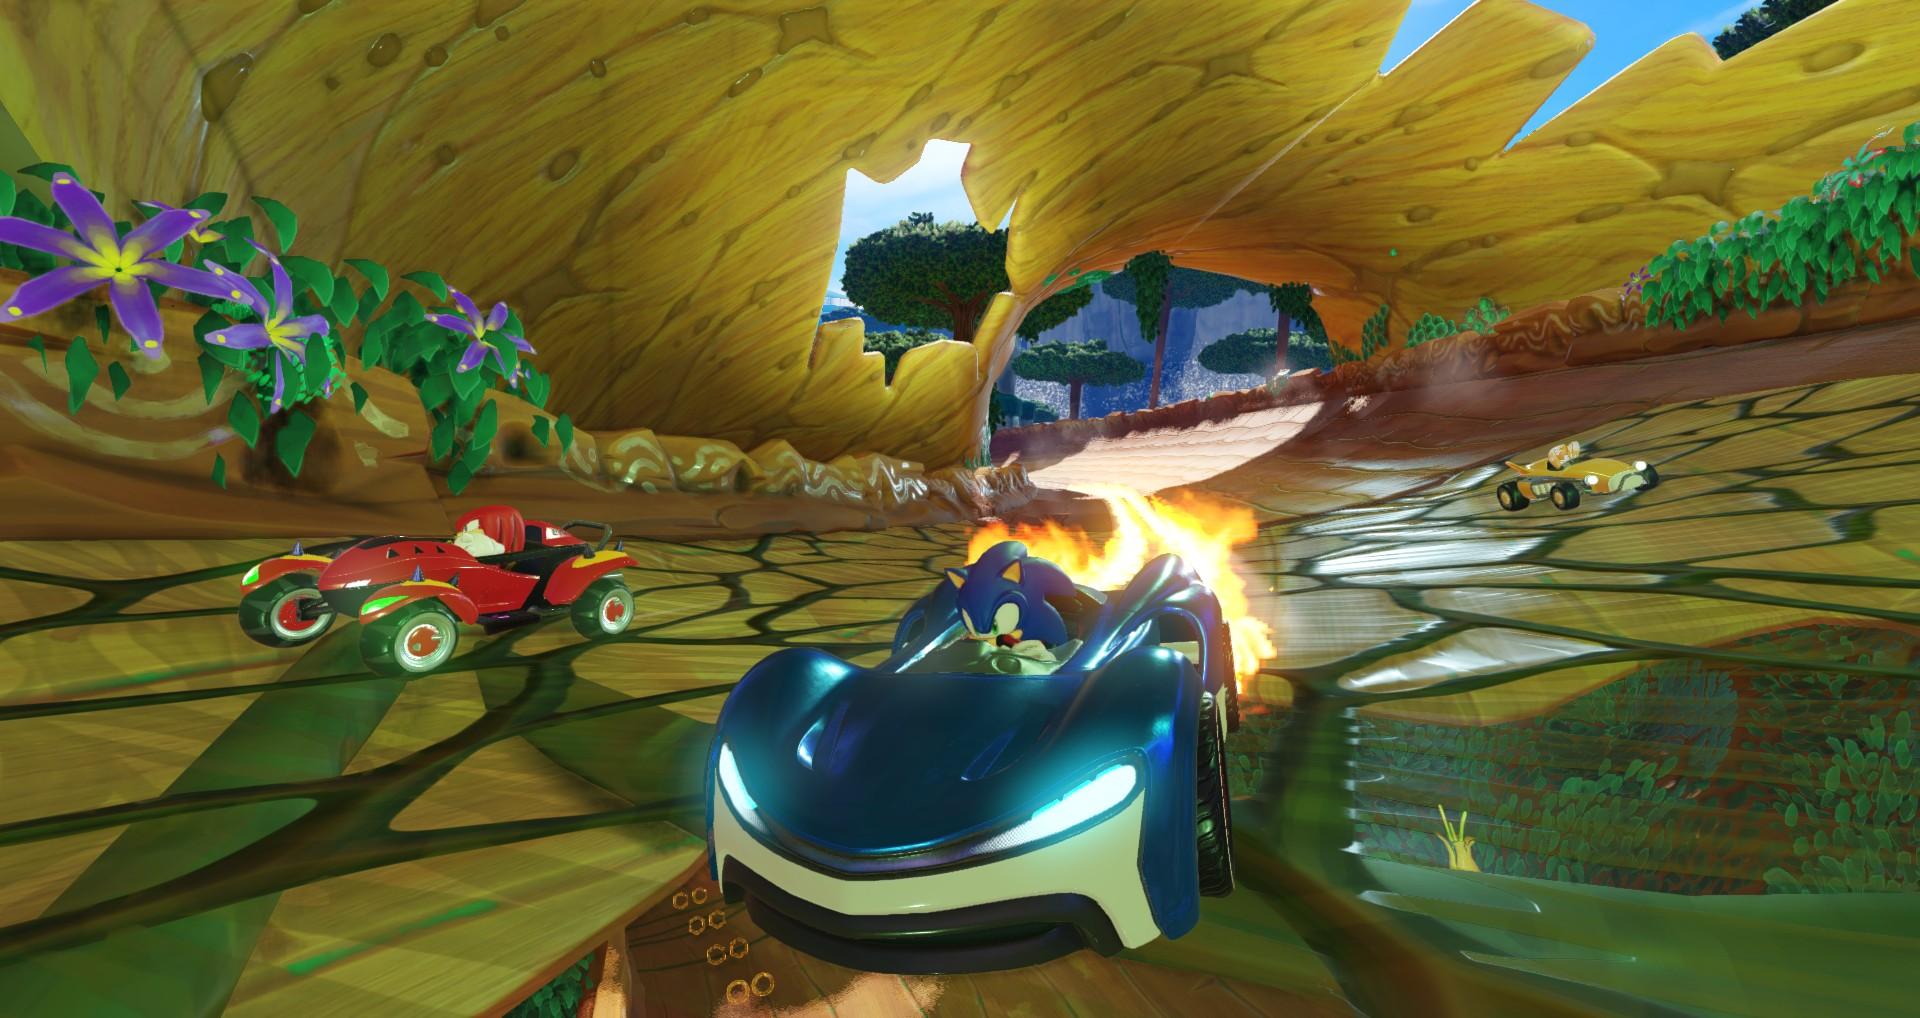 Team-Sonic-Racing_Wal-mart_05-30-18_003.